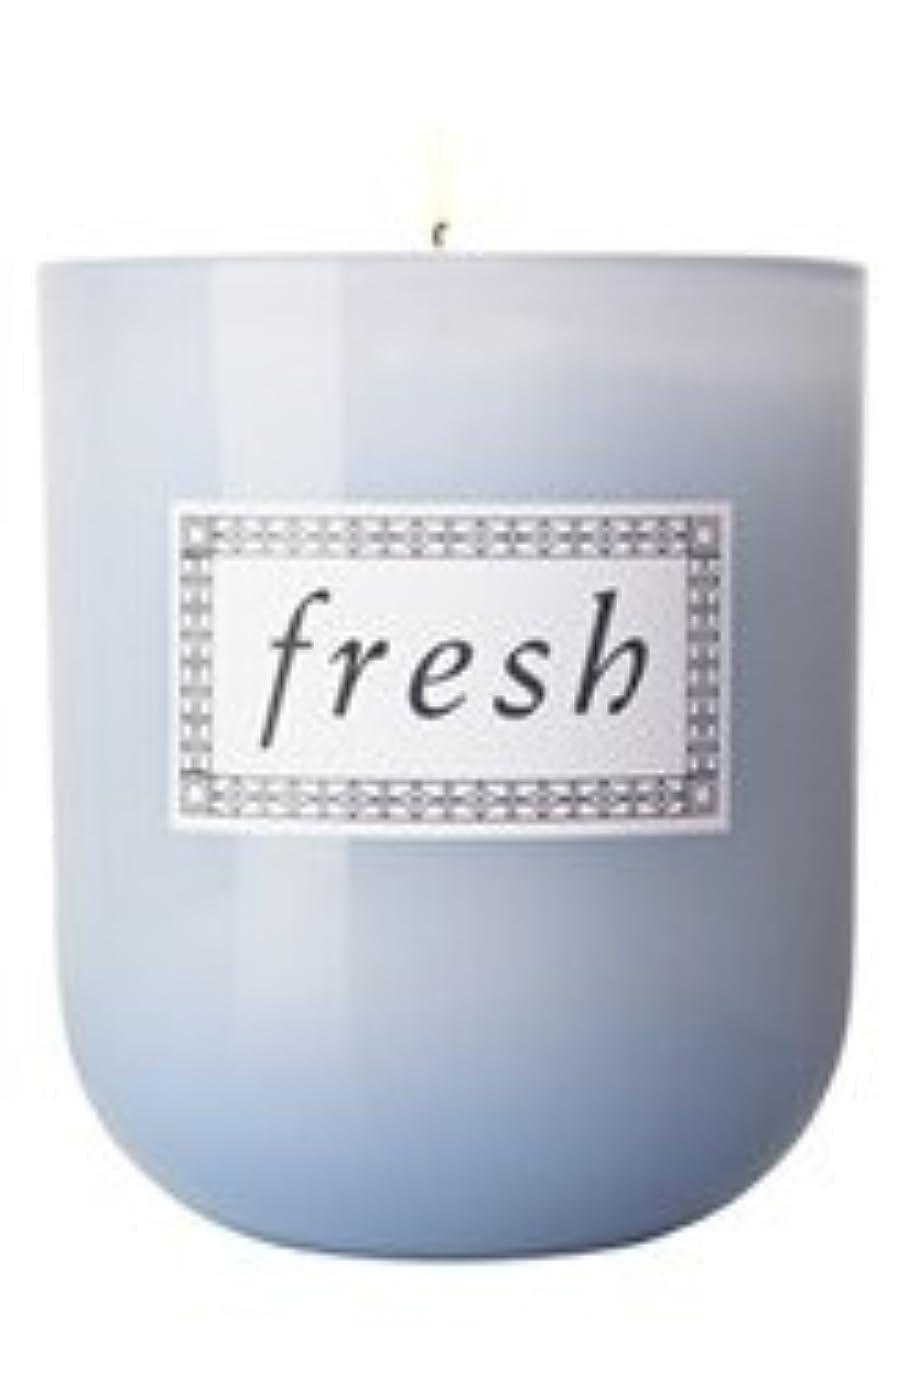 抜け目のないブラケットおなかがすいたFresh Life (フレッシュ ライフ) 215g Scented Candle (香りつきキャンドル)